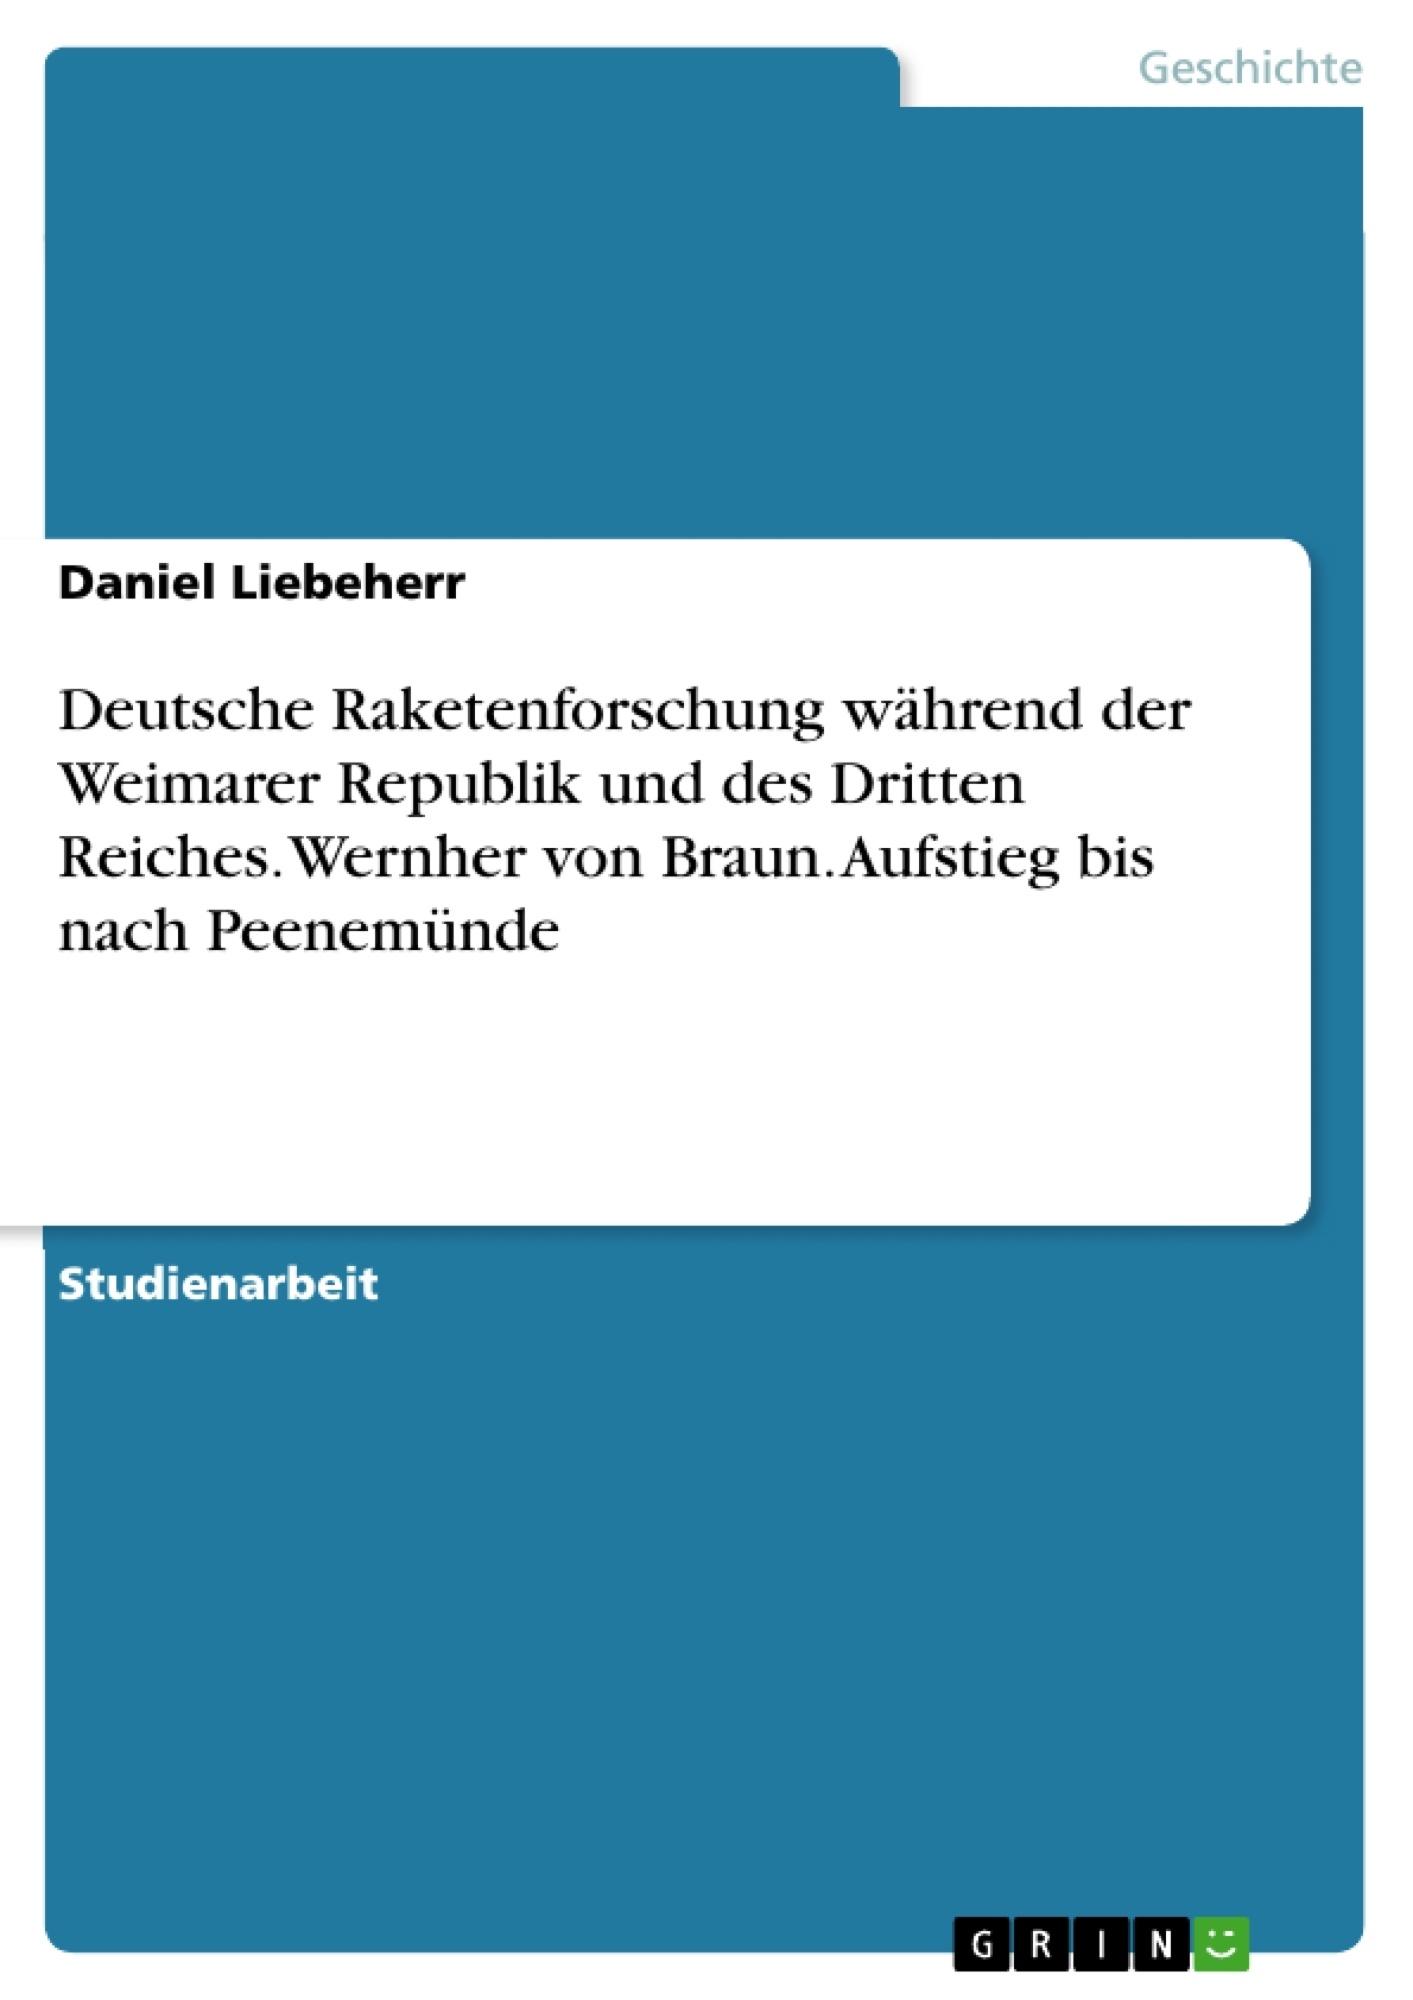 Titel: Deutsche Raketenforschung während der Weimarer Republik und des Dritten Reiches. Wernher von Braun. Aufstieg bis nach Peenemünde